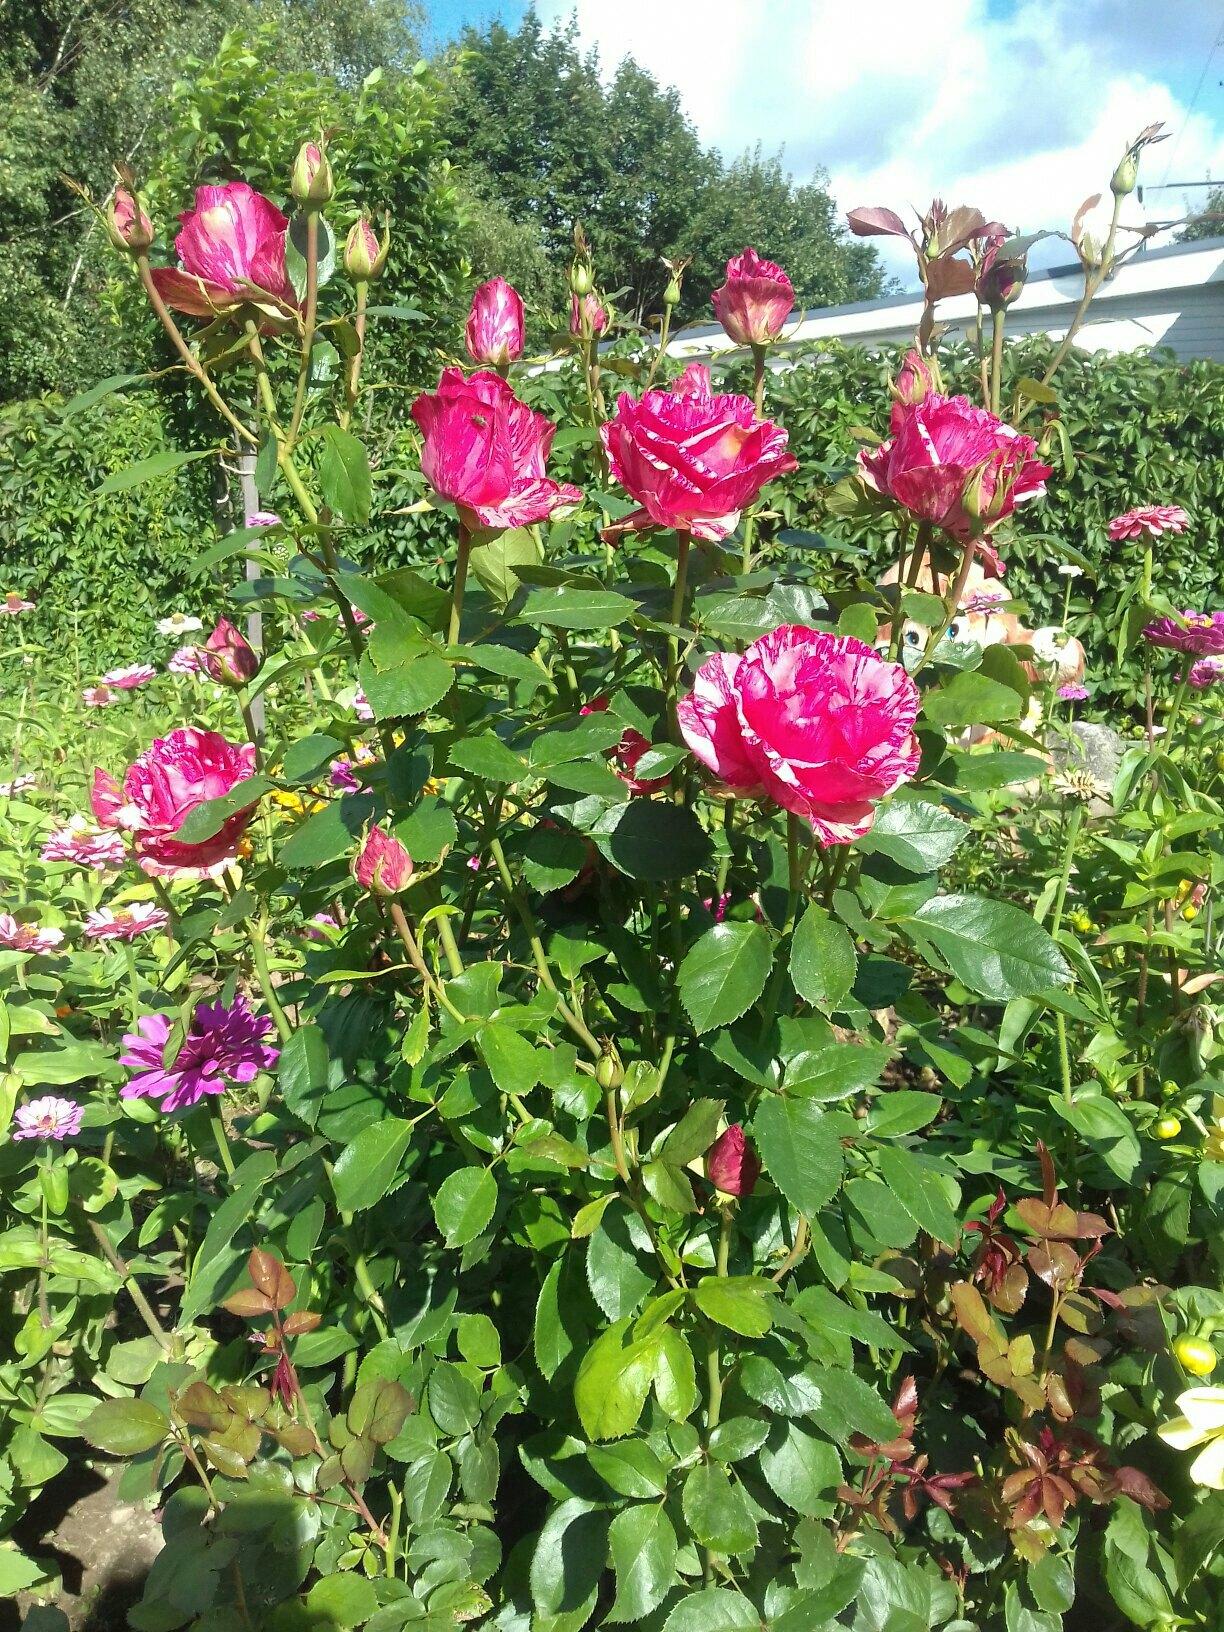 Вот такие цветочки в саду у нашей подписчицы Ларисы Кислюк